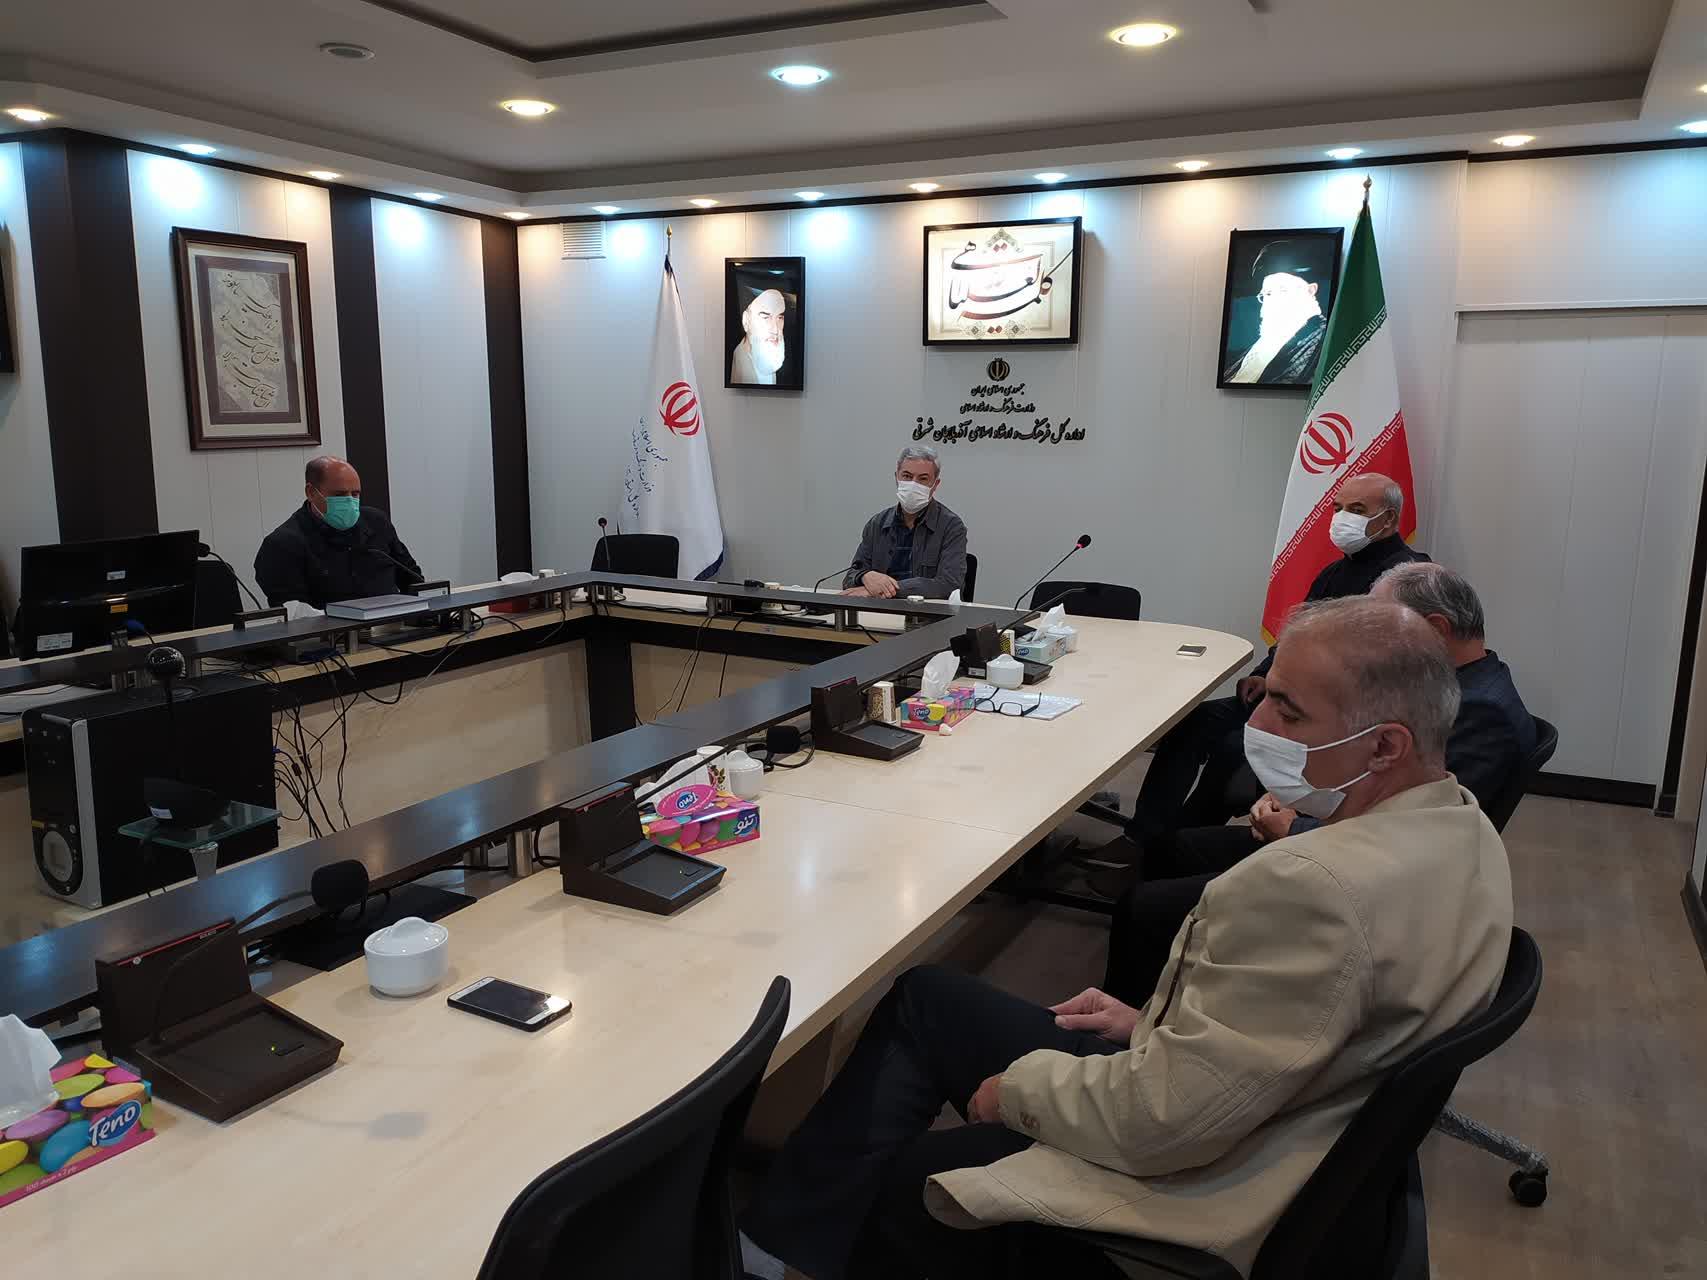 دیدار مدیرکل فرهنگ و ارشاد اسلامی استان با هیات مدیره انجمن سینماگران